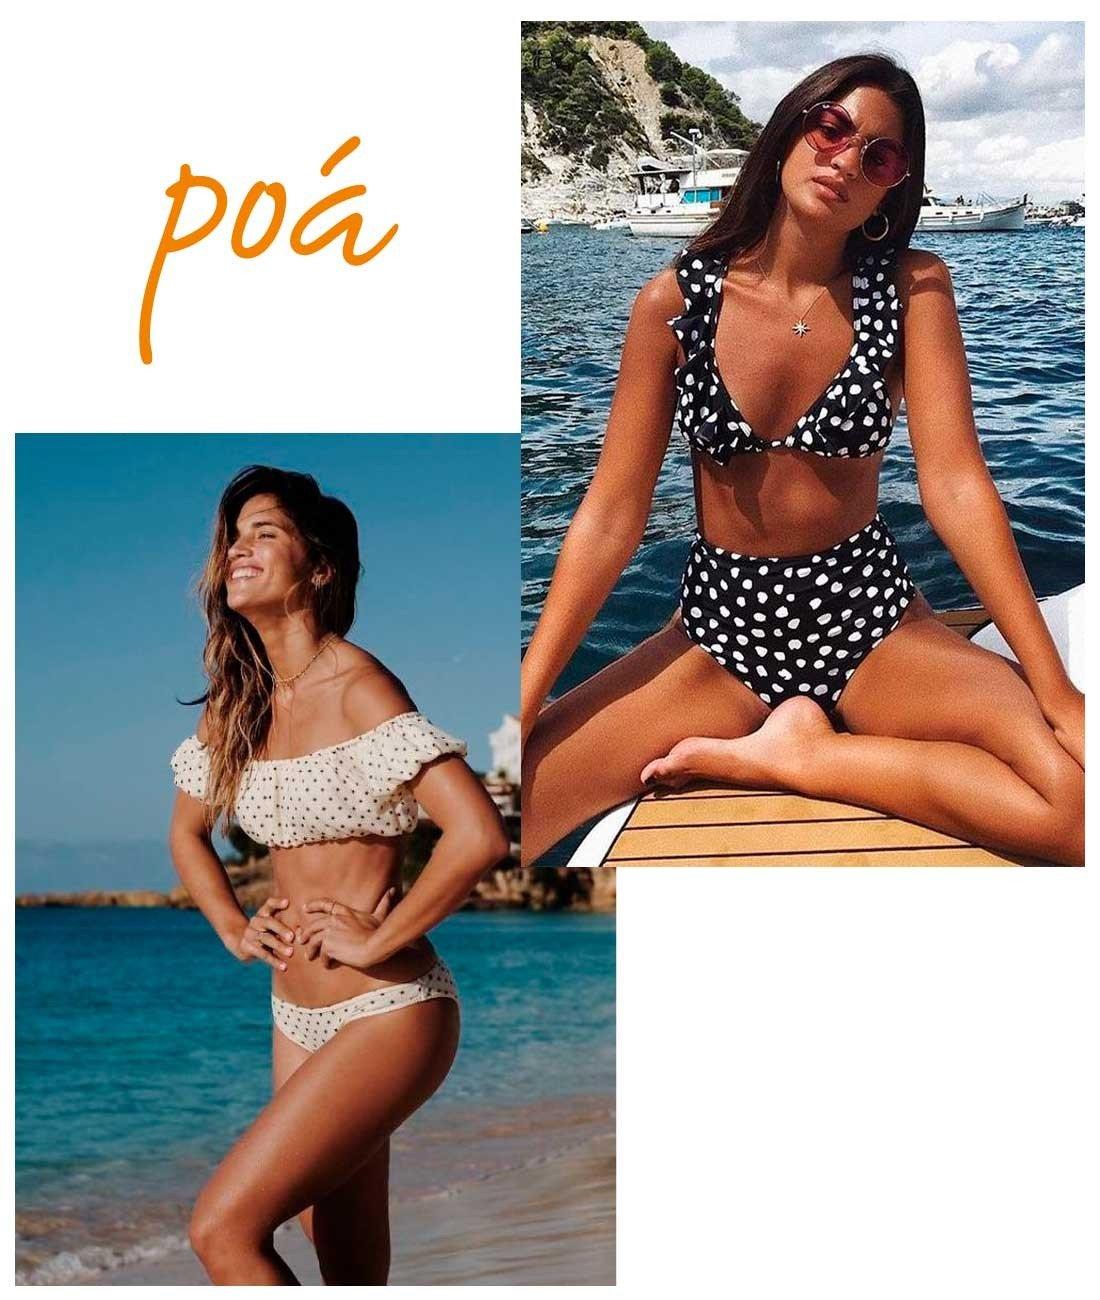 beachwear poa